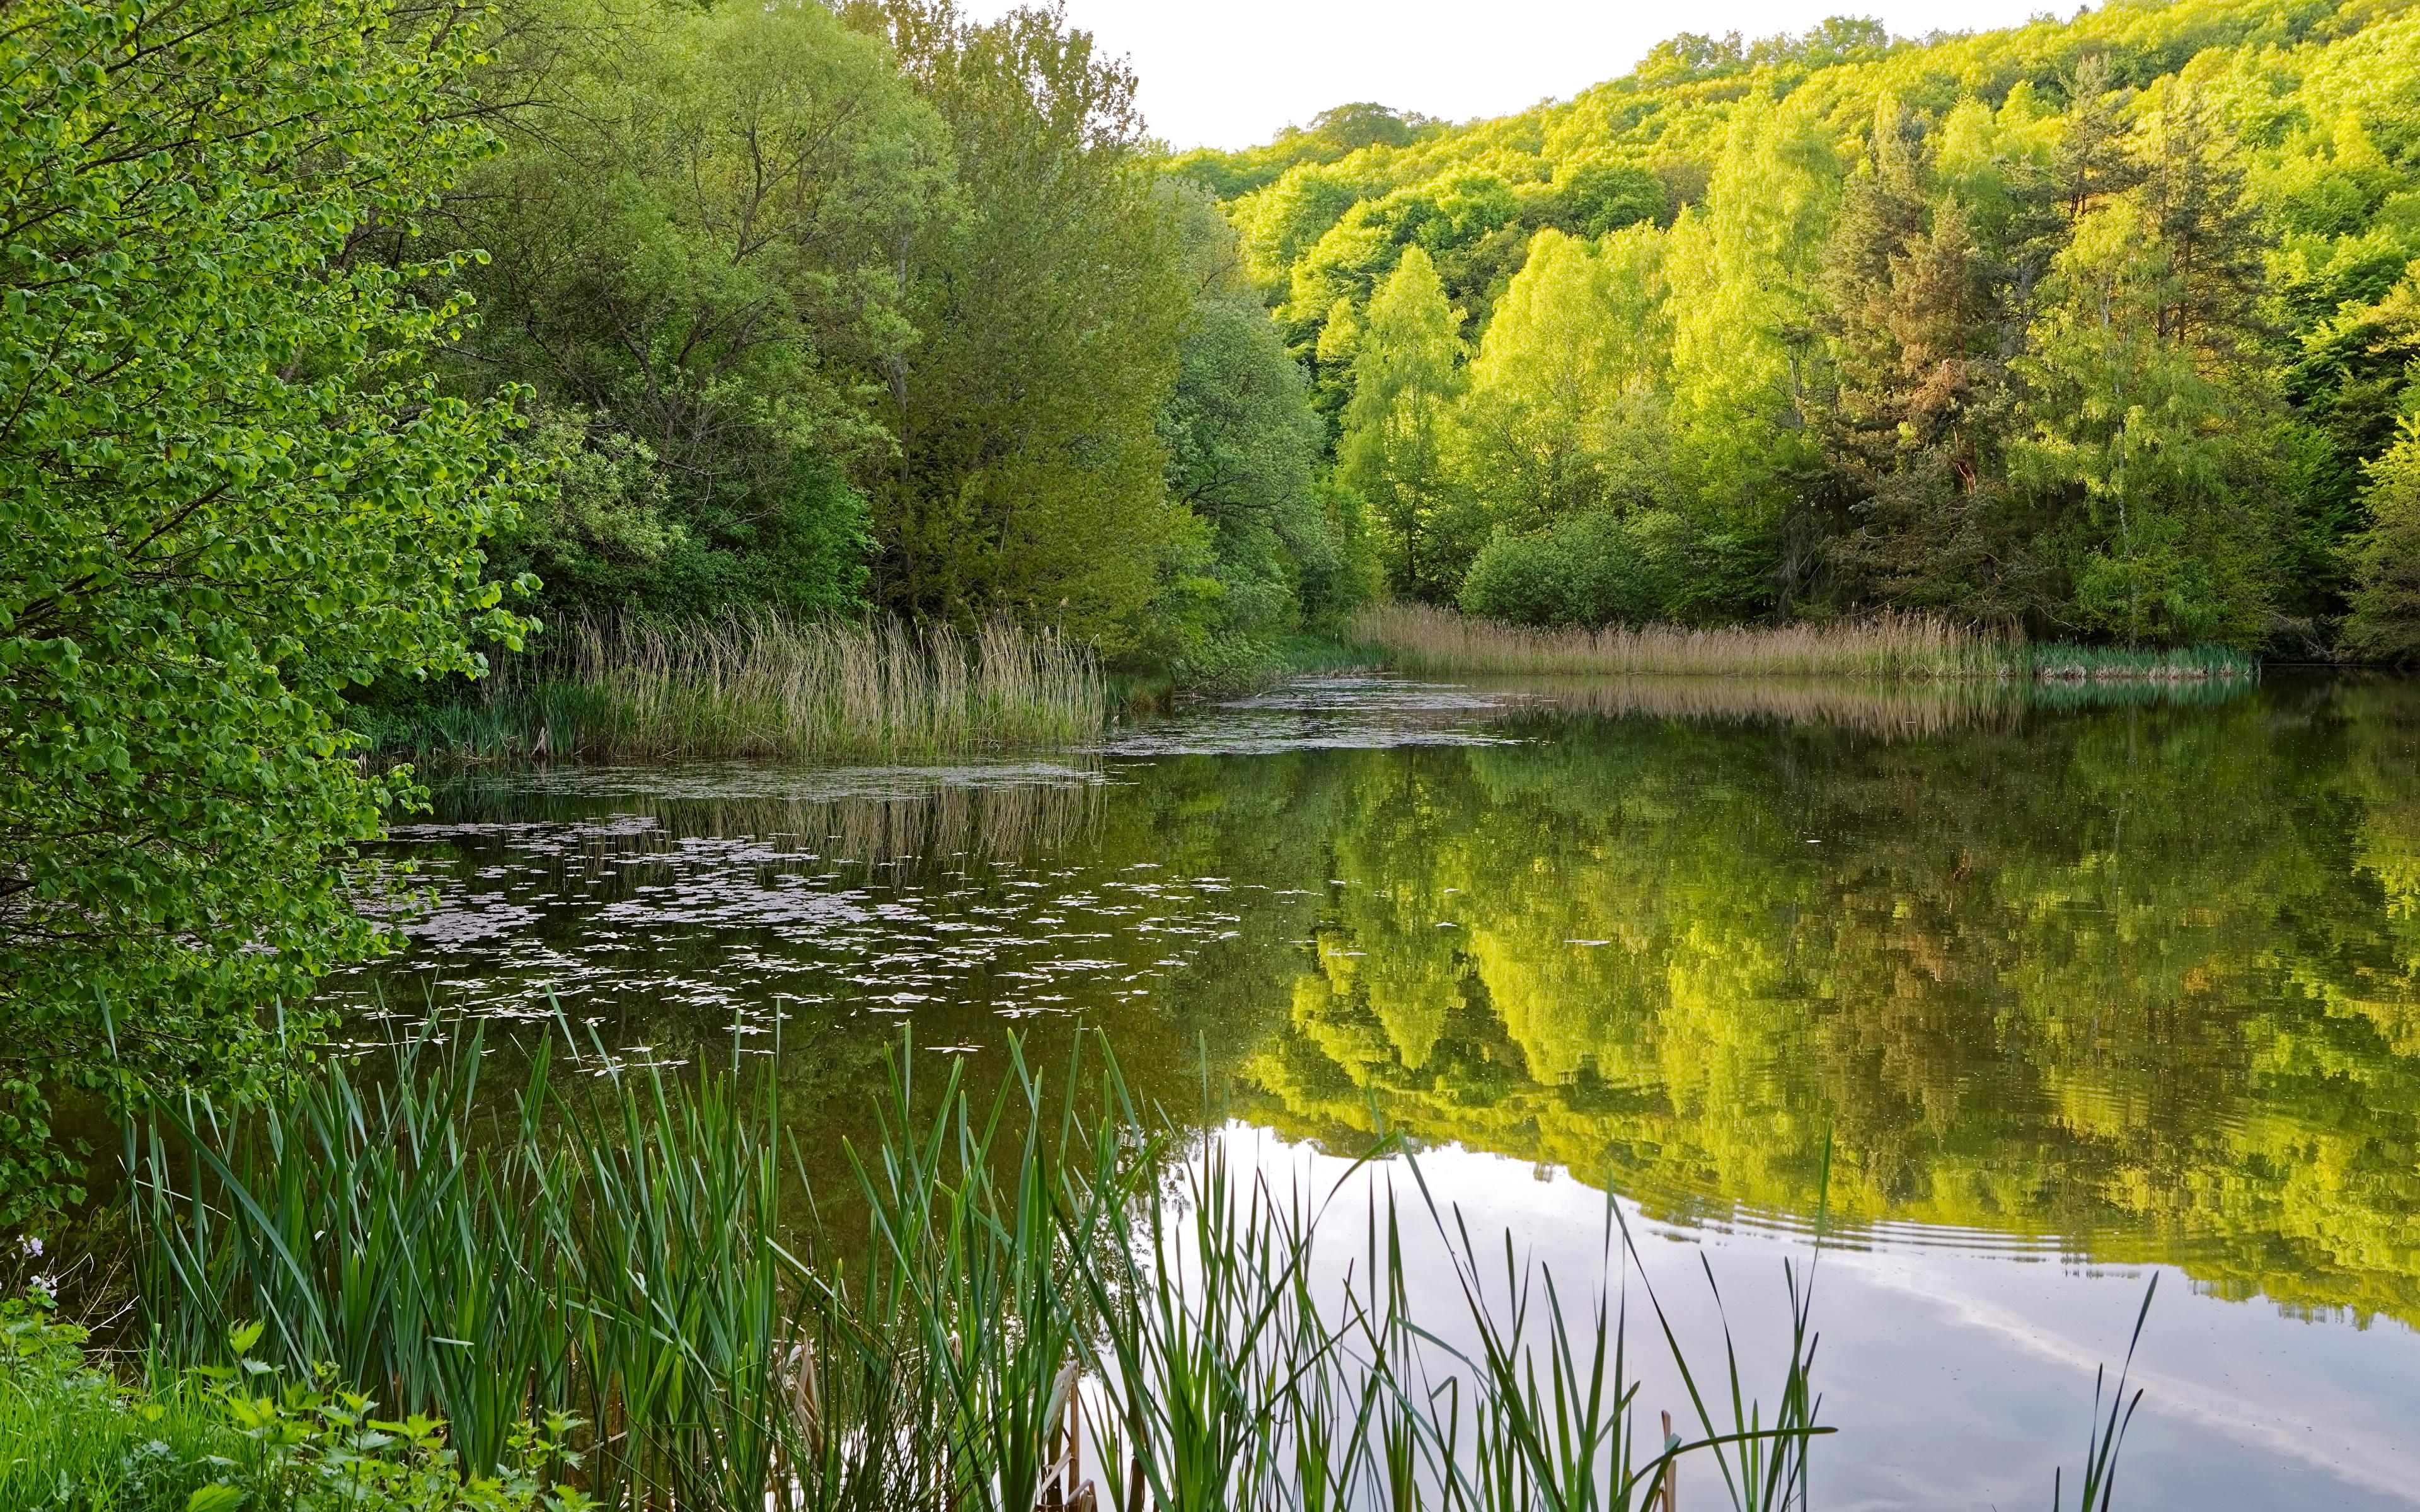 Берег озера в траве  № 2482630 бесплатно